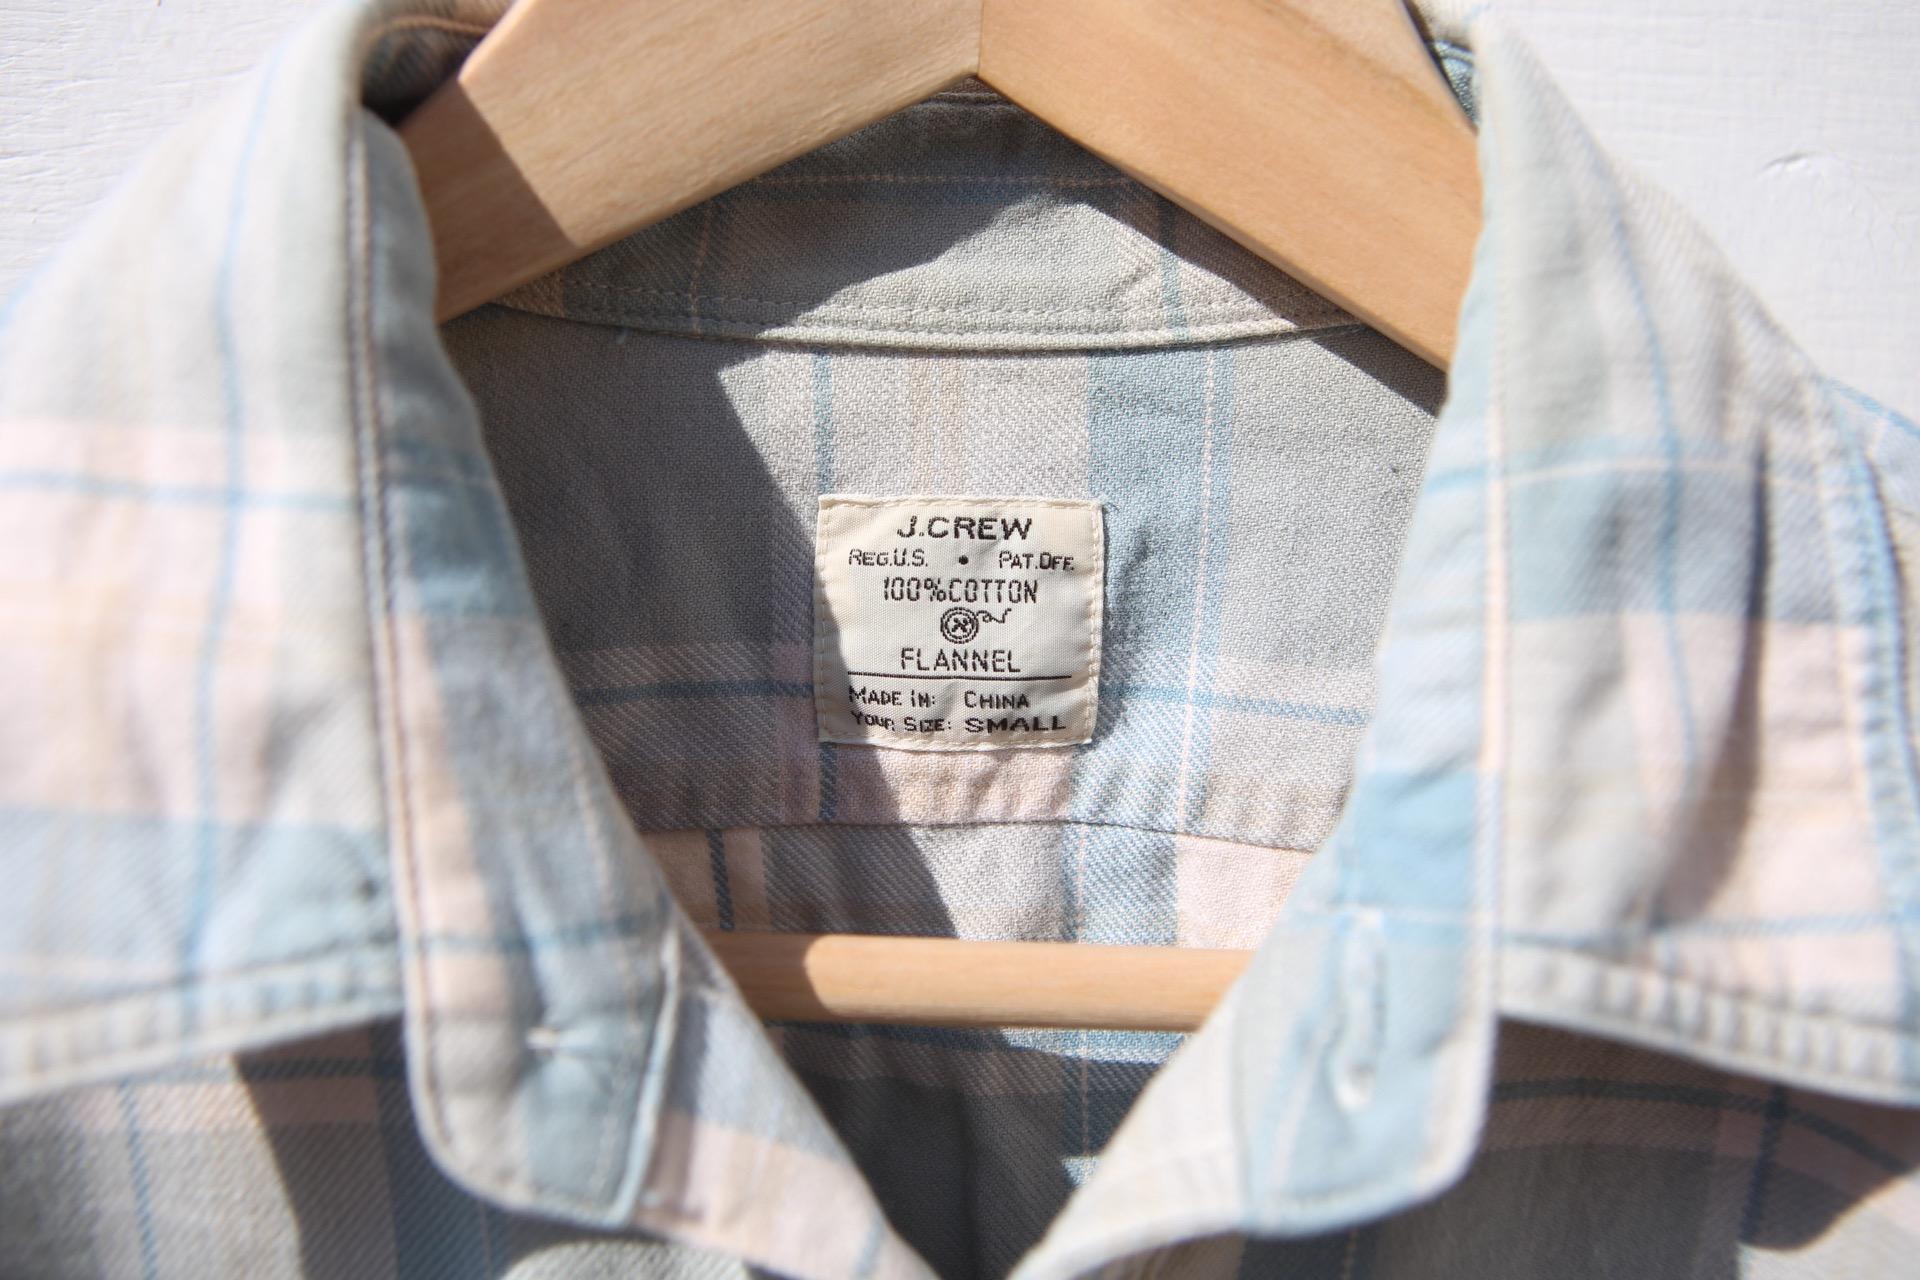 J.Crew Shirt.